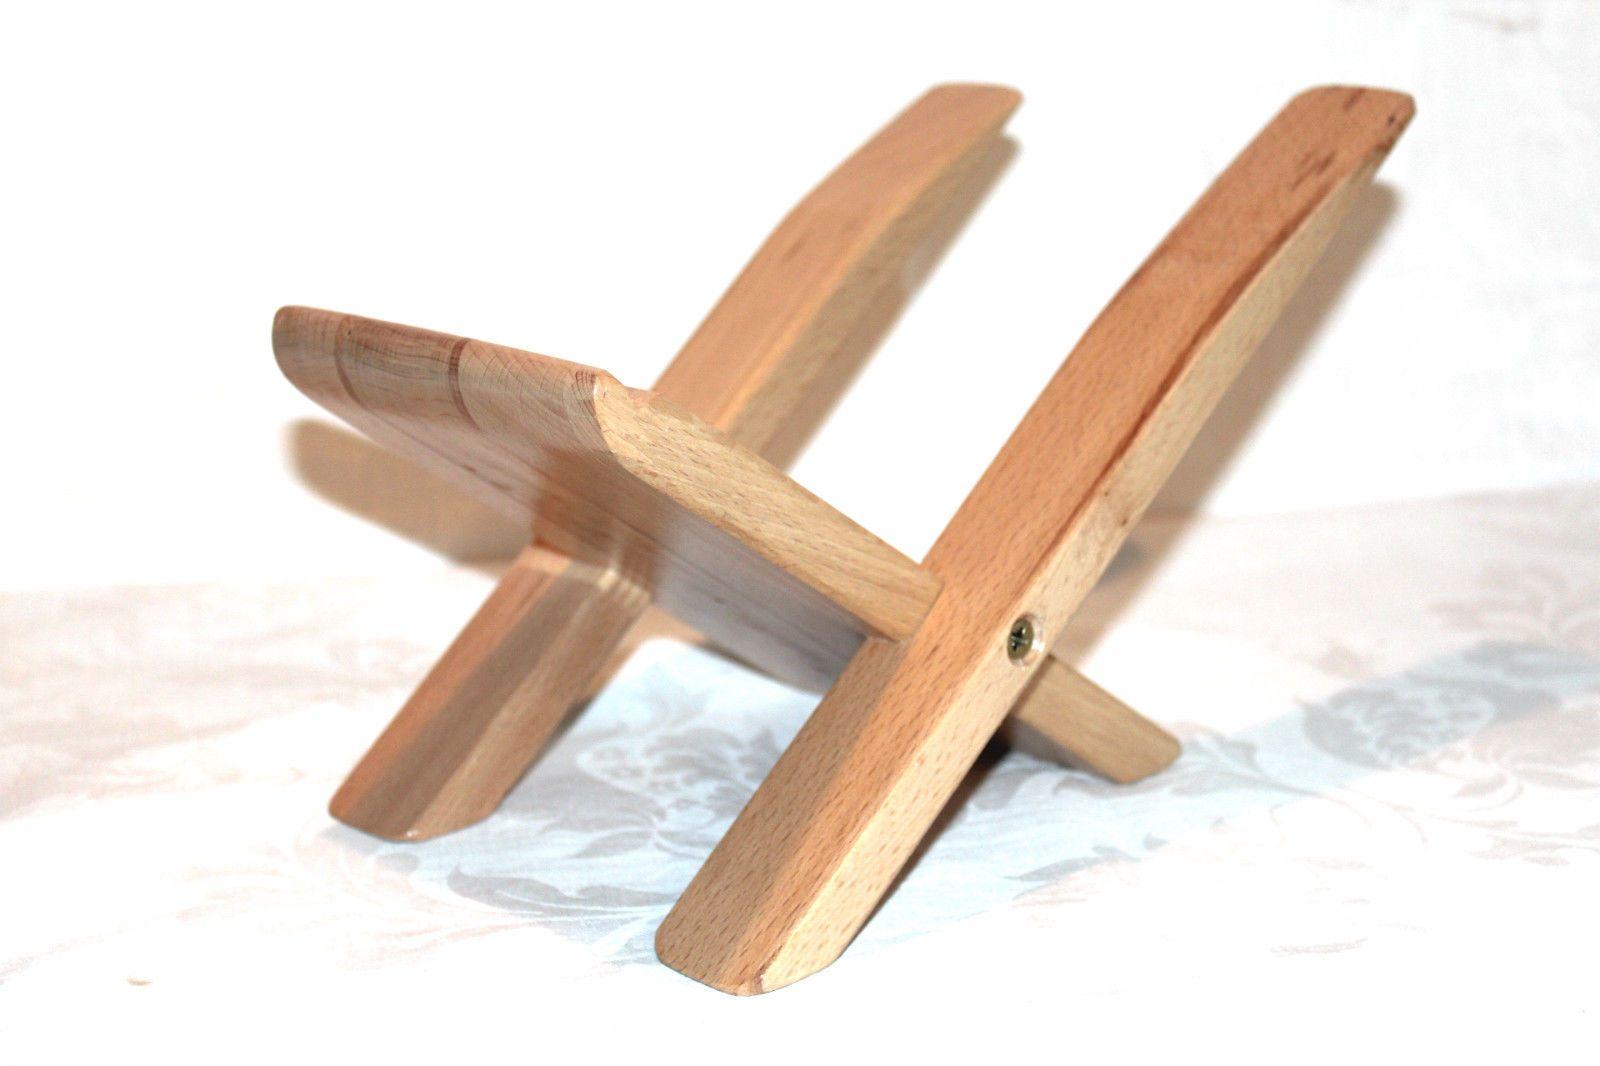 Uberlegen Bag In Box   Ständer / Halter   Aus Holz   Für 3, 5 Und 10l Kartons  Geeignet | EBay